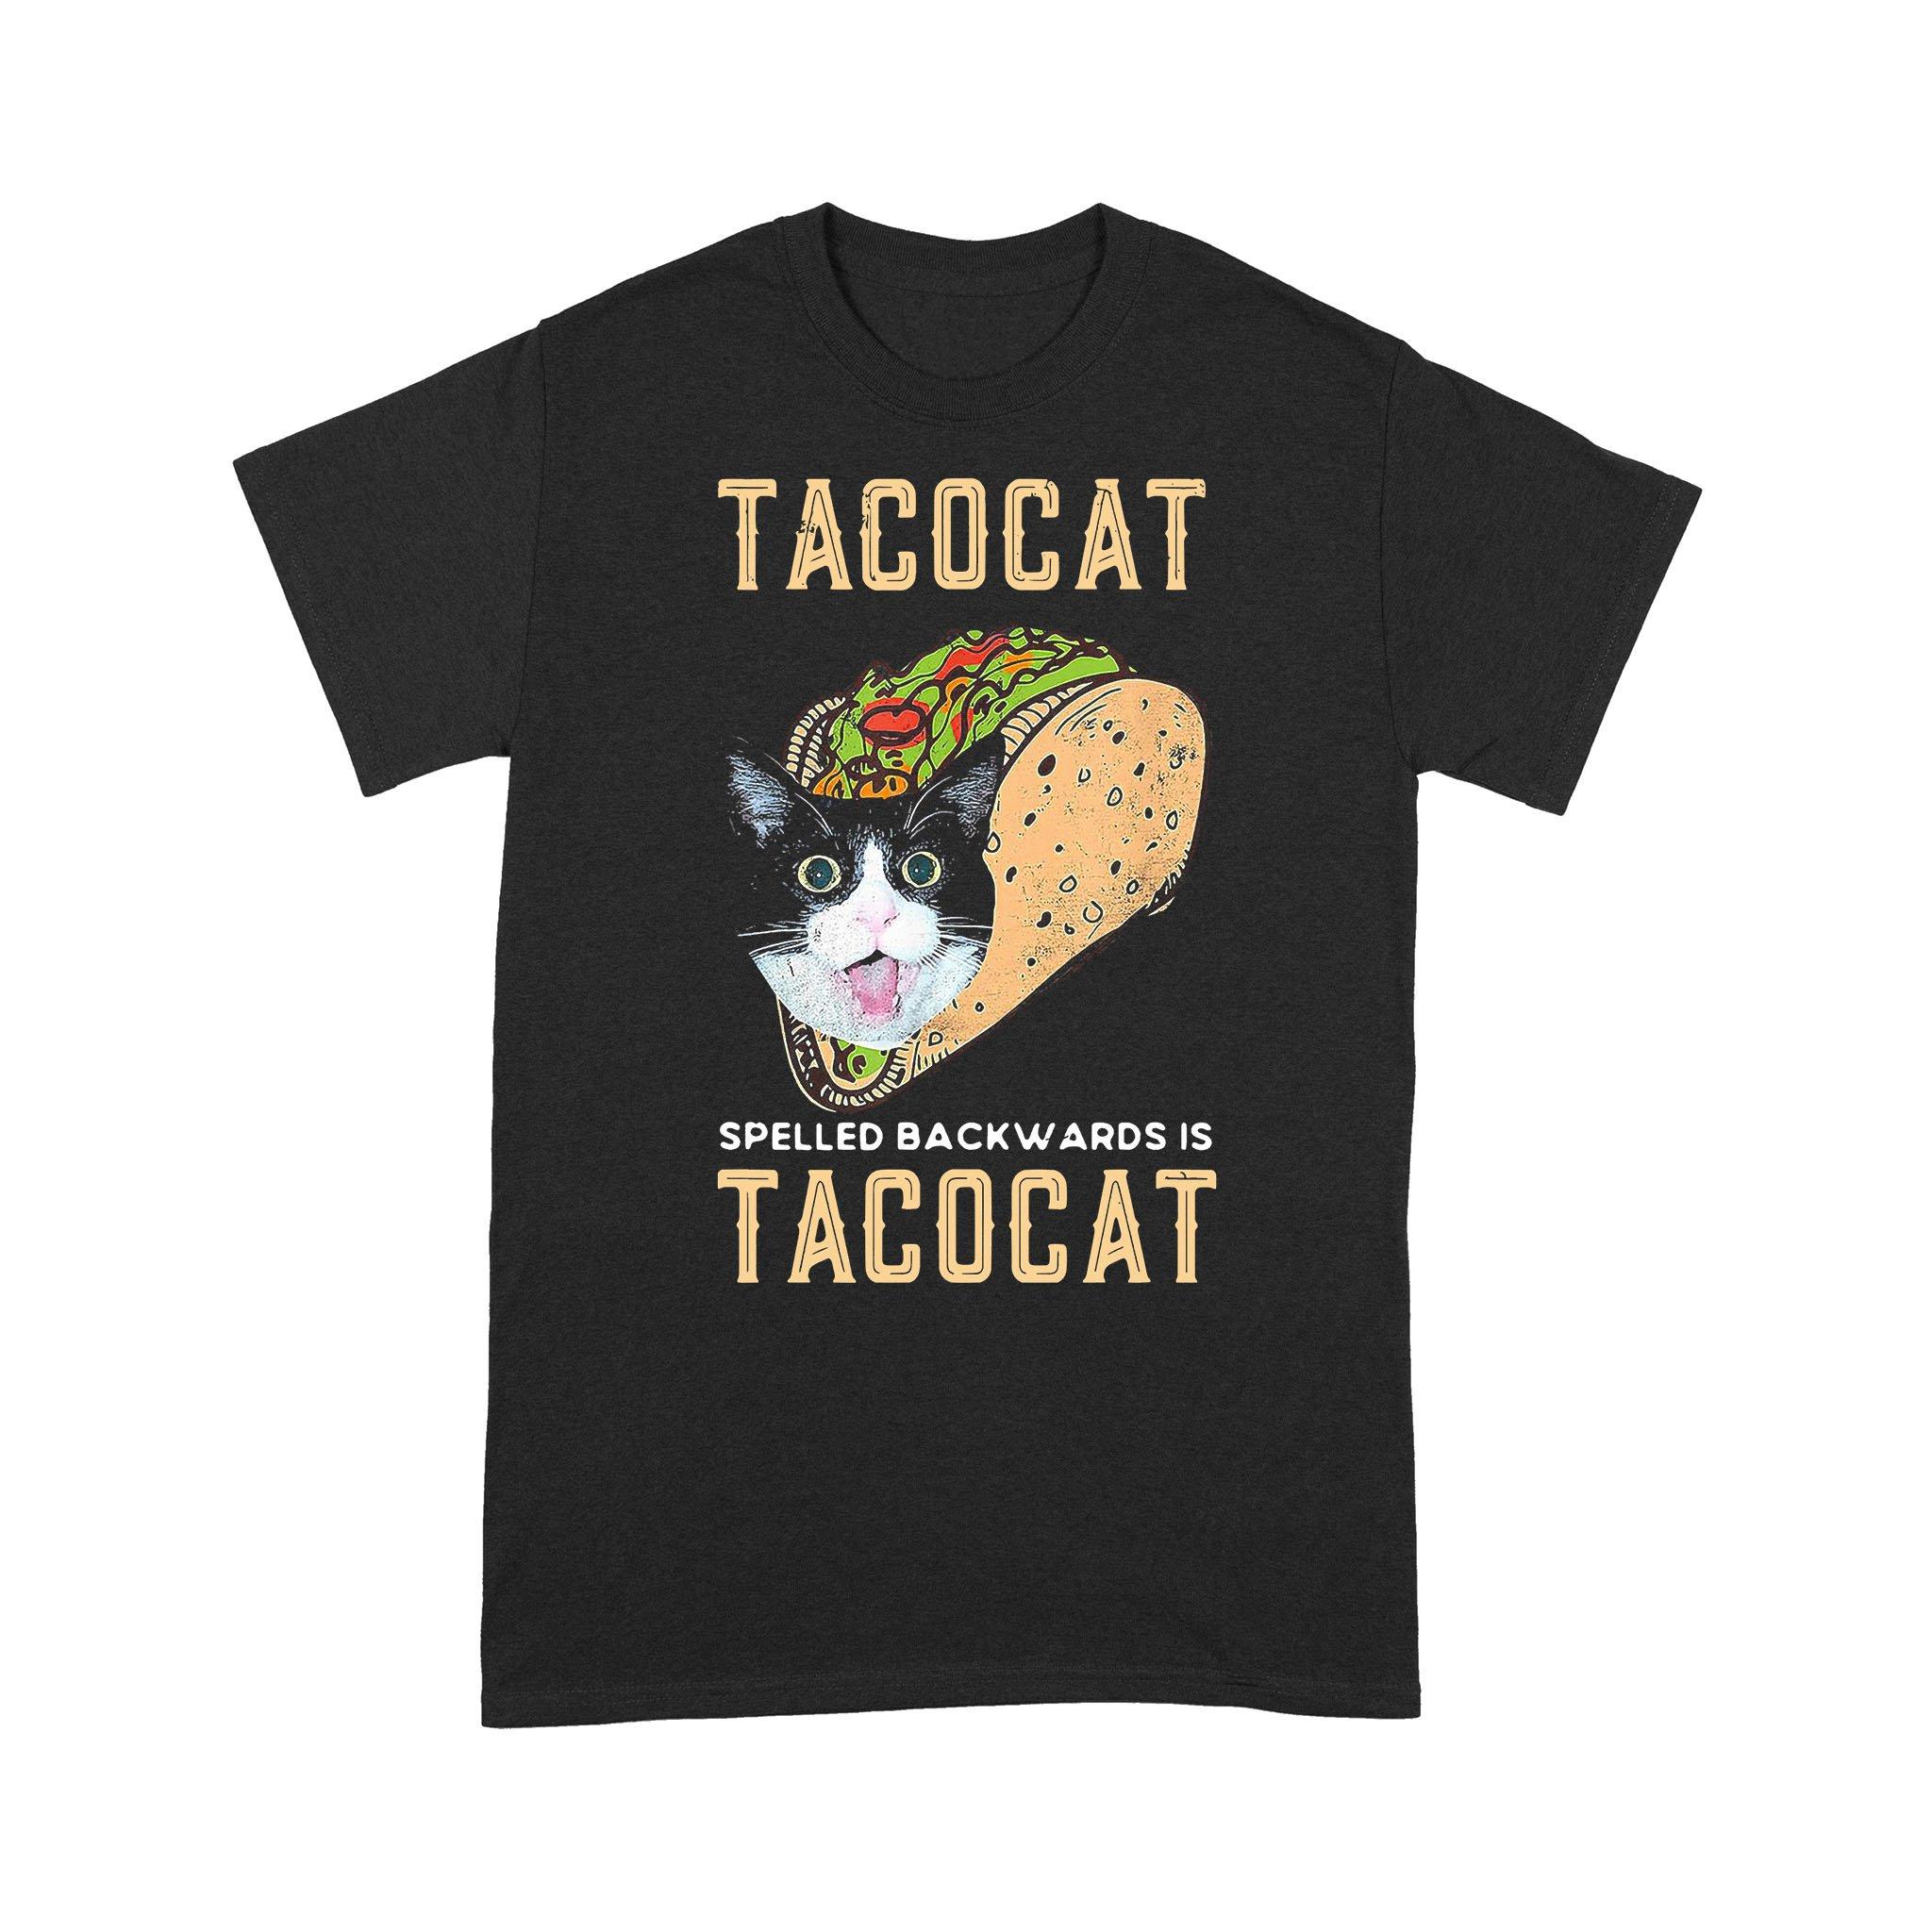 Food Lover Tacocat Spelled Backwards Is Tacocat T-shirt